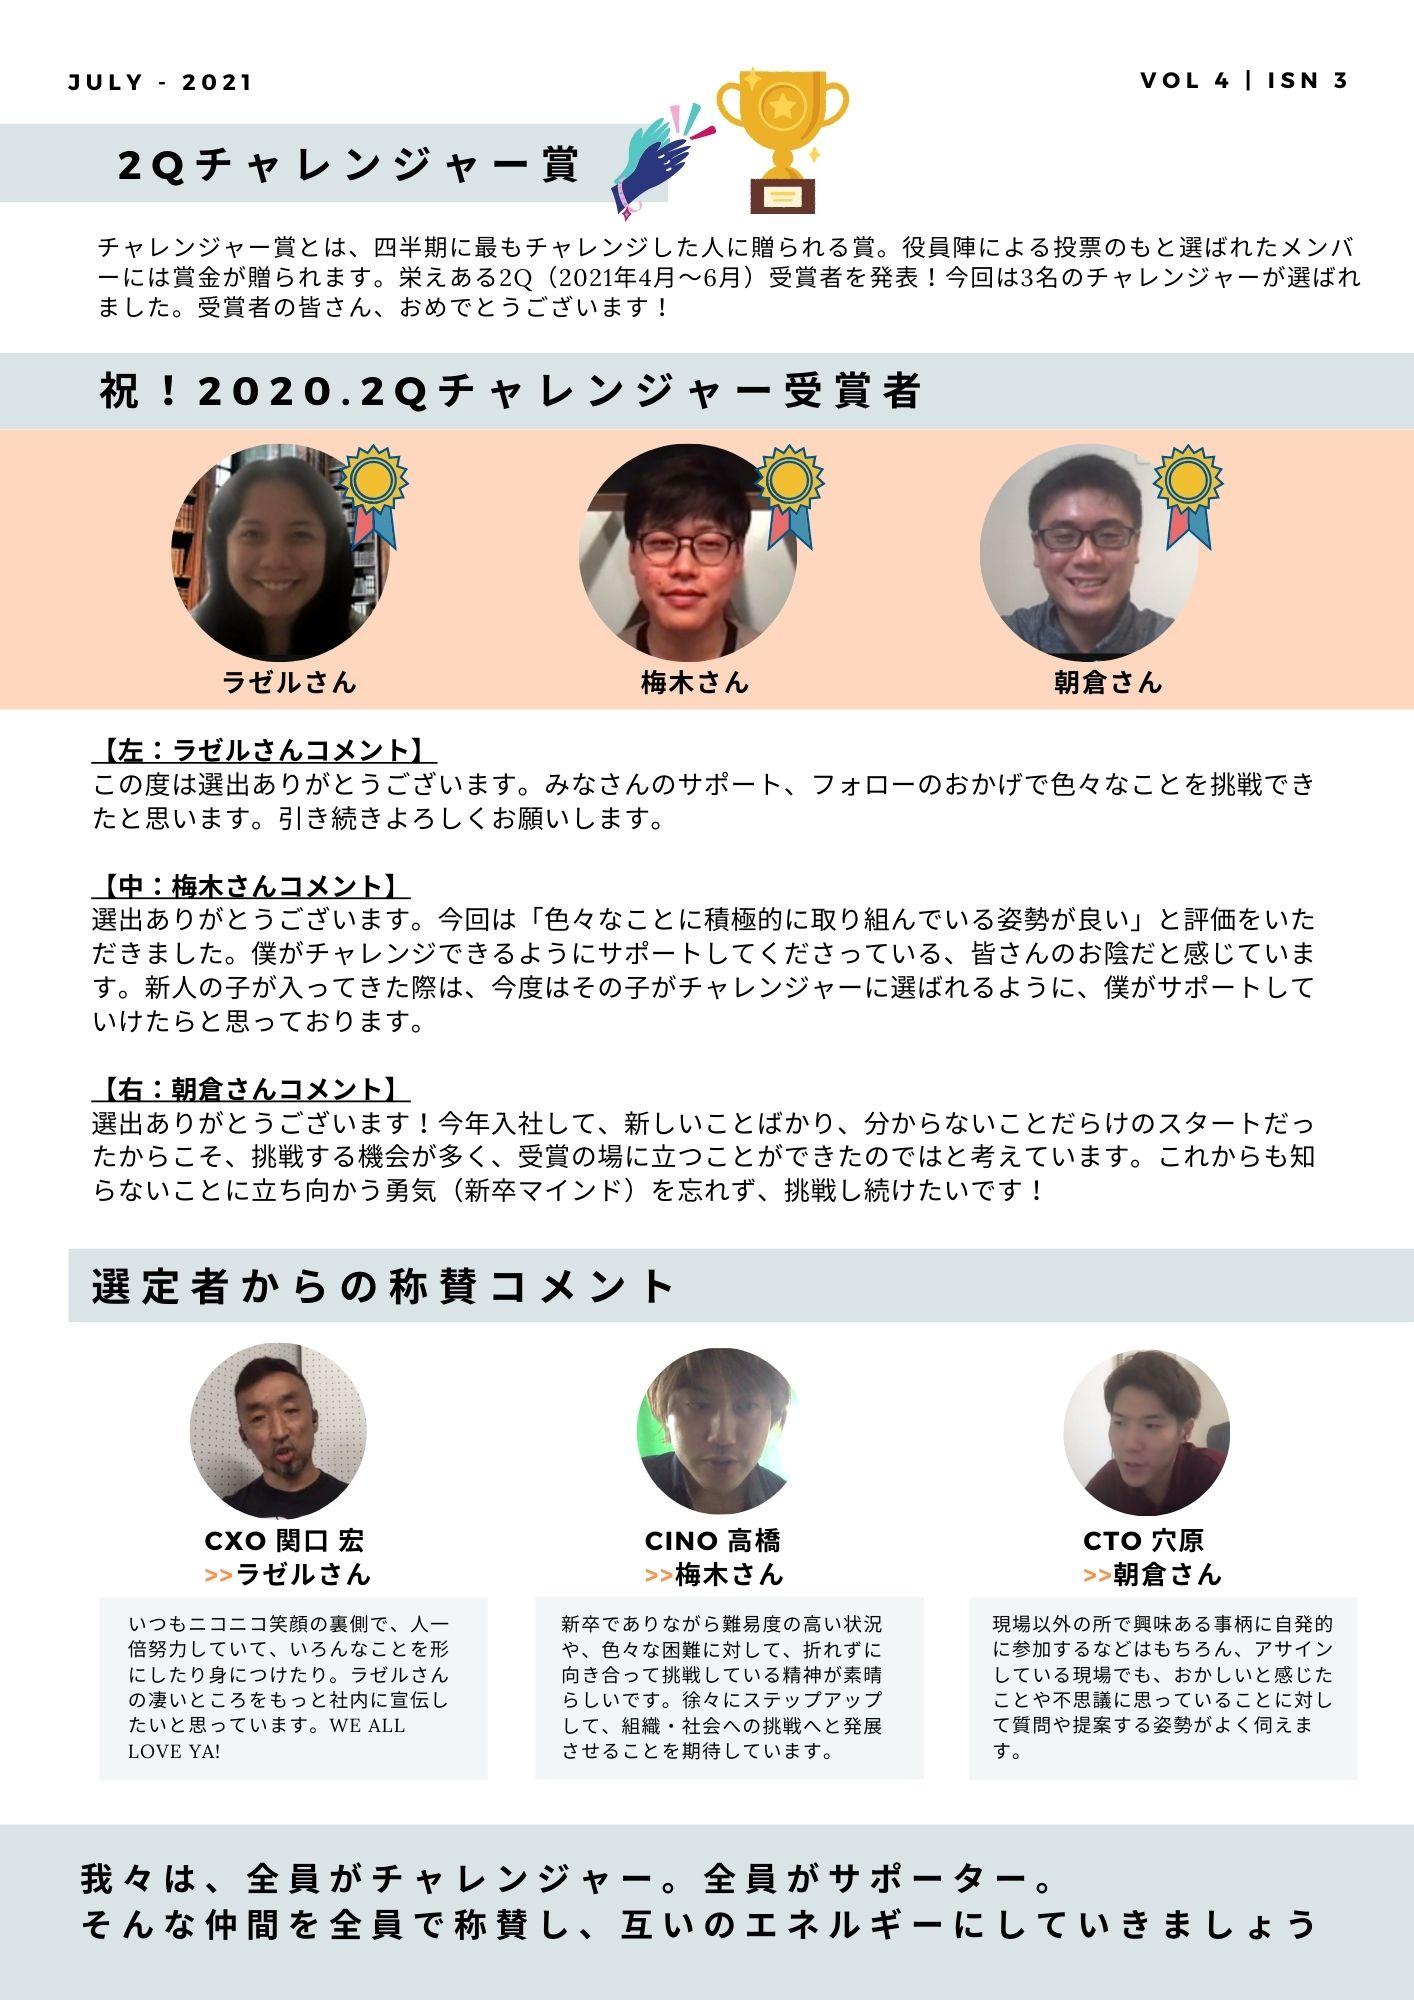 社内報/2Qチャレンジャー賞